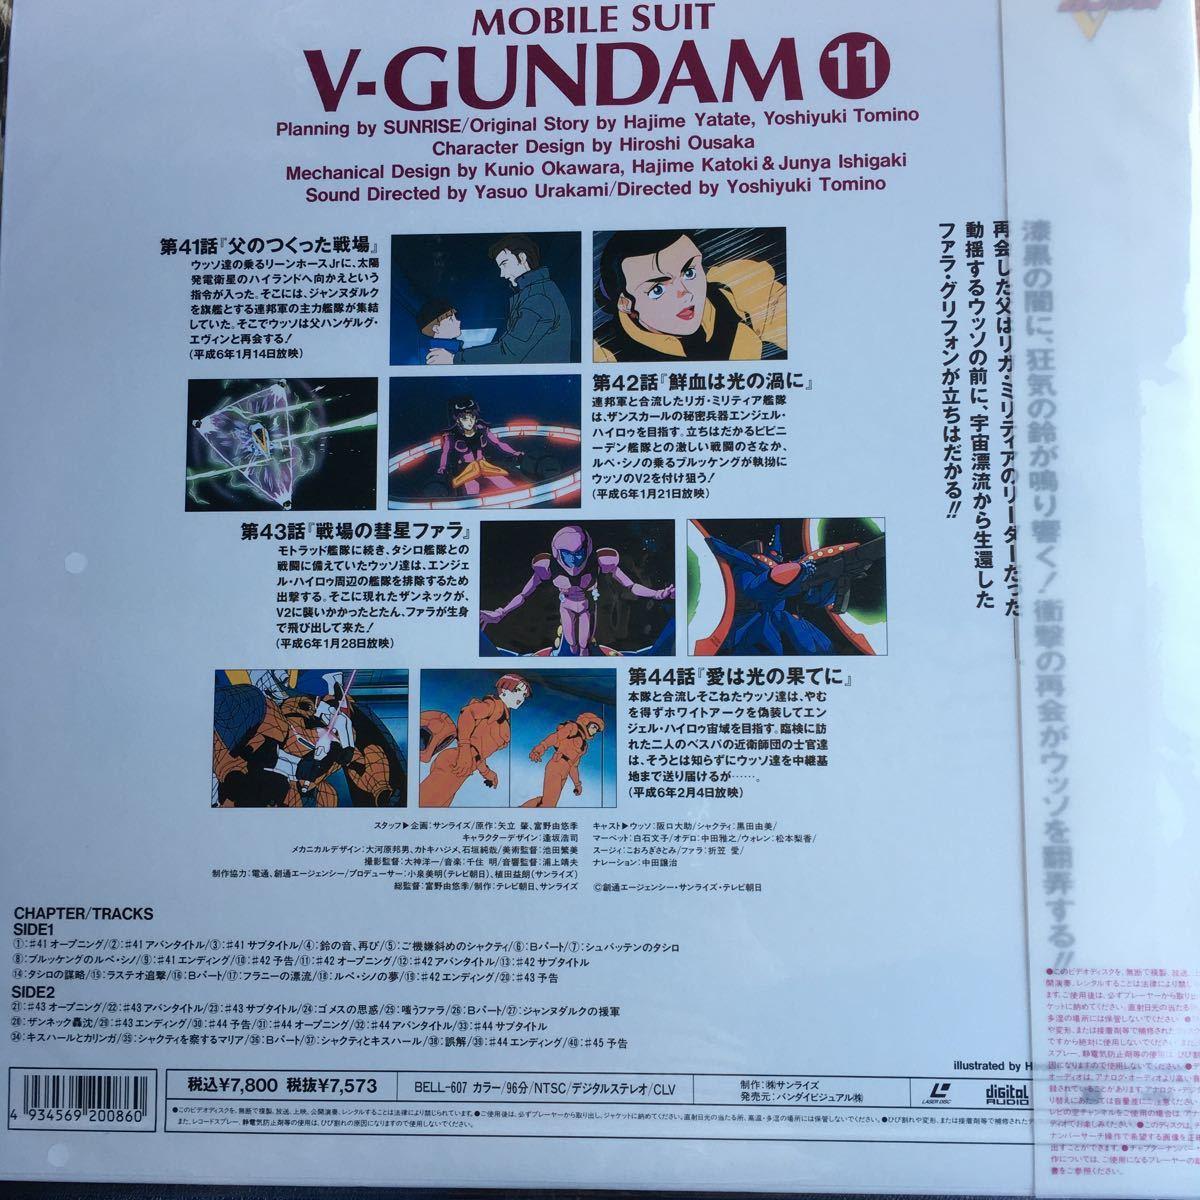 【LD】 レーザーディスク 機動戦士Vガンダム 11 OVA _画像2